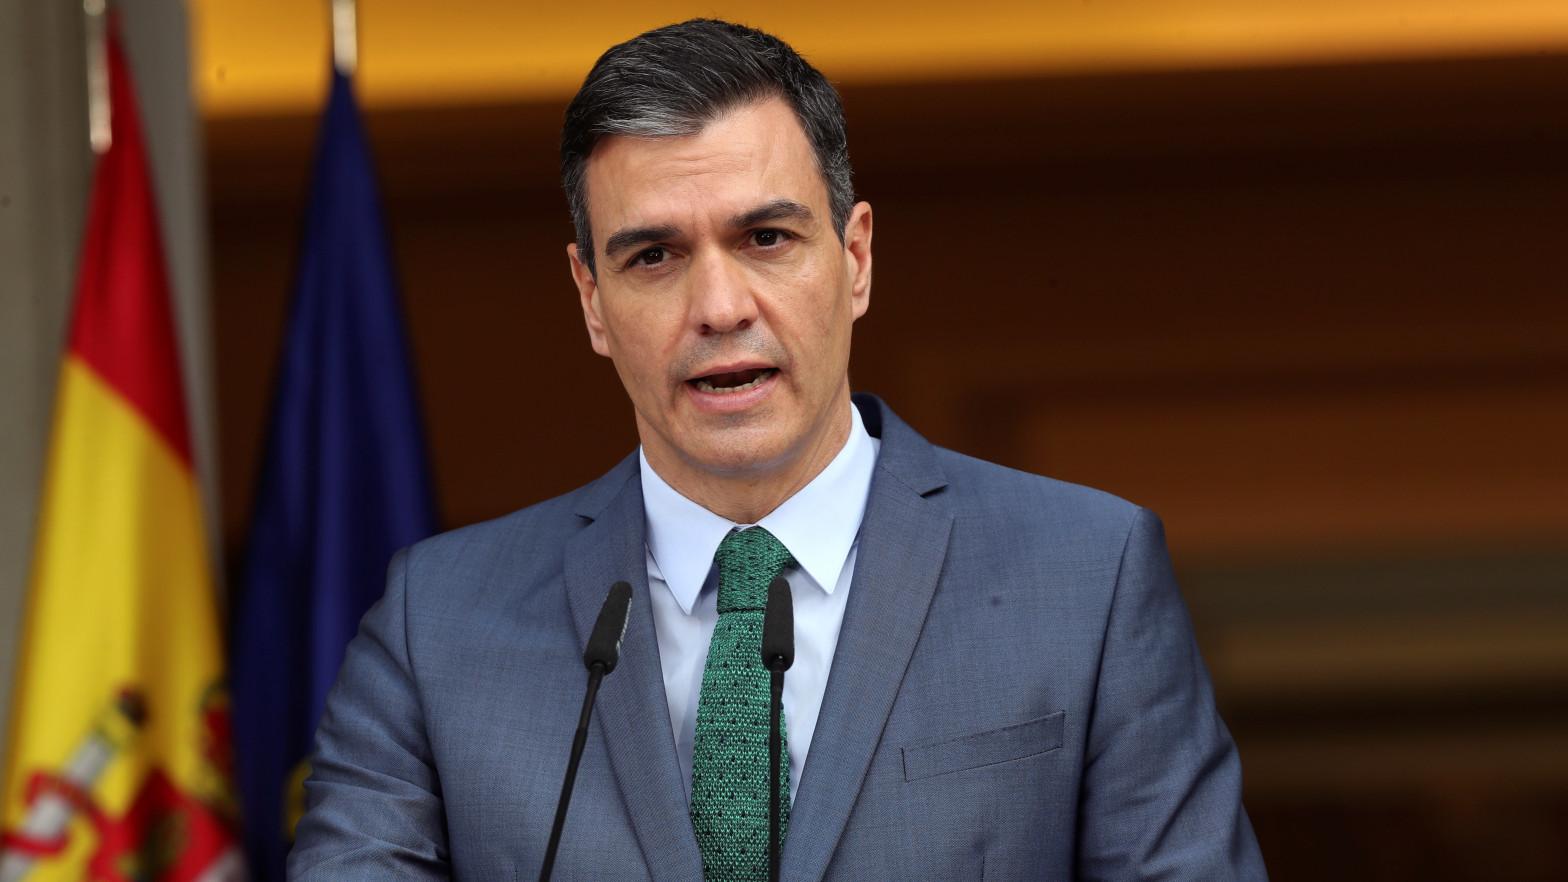 Las ayudas directas a empresas en España: más tarde y menos dinero que en otros países